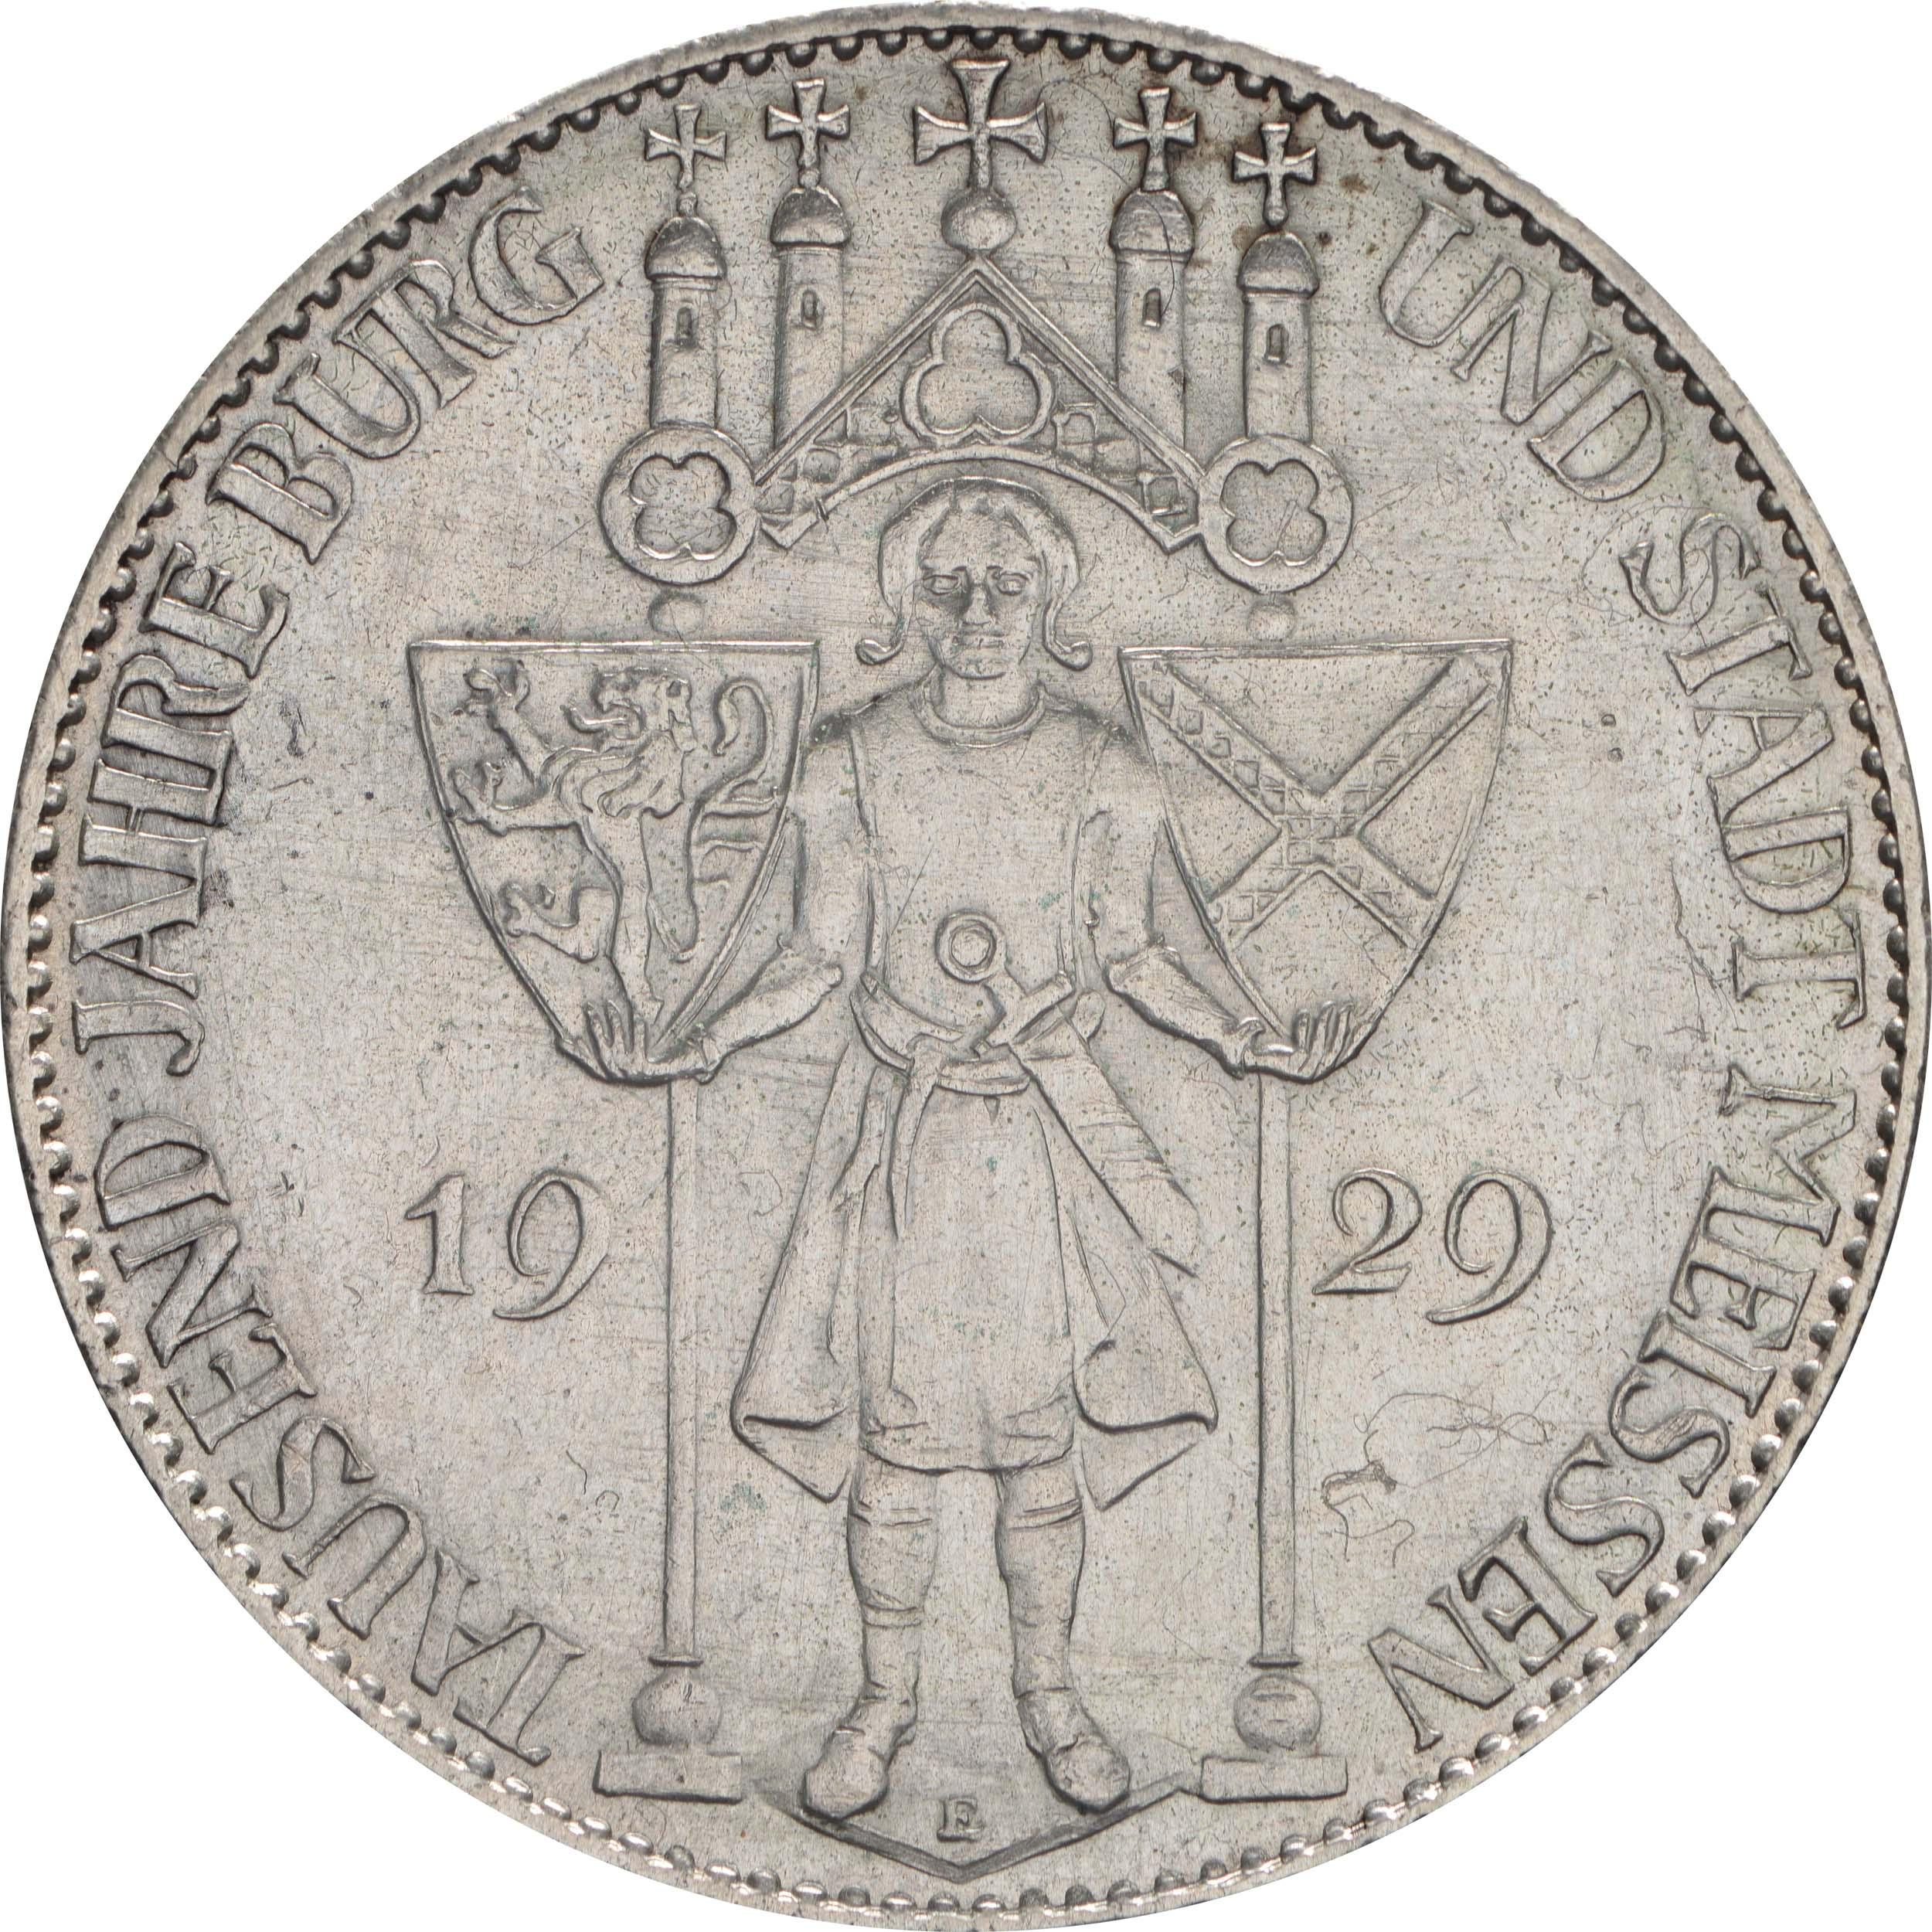 deutschland 5 reichsmark meissen 1929 silber vz stgl euro. Black Bedroom Furniture Sets. Home Design Ideas